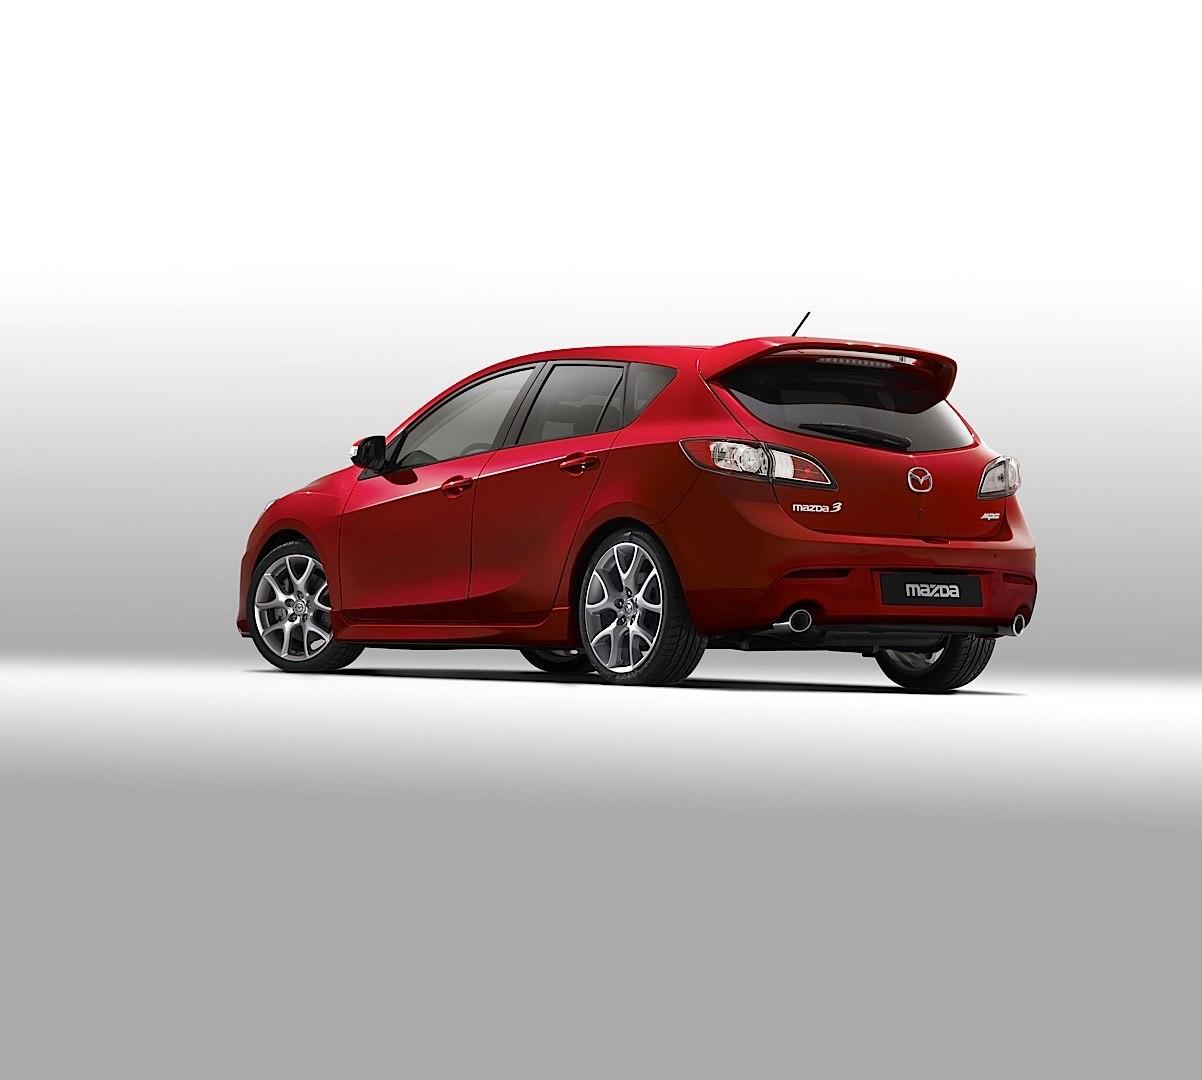 Mazda Mazda 3: MAZDA 3 MPS / MAZDASPEED3 Specs & Photos